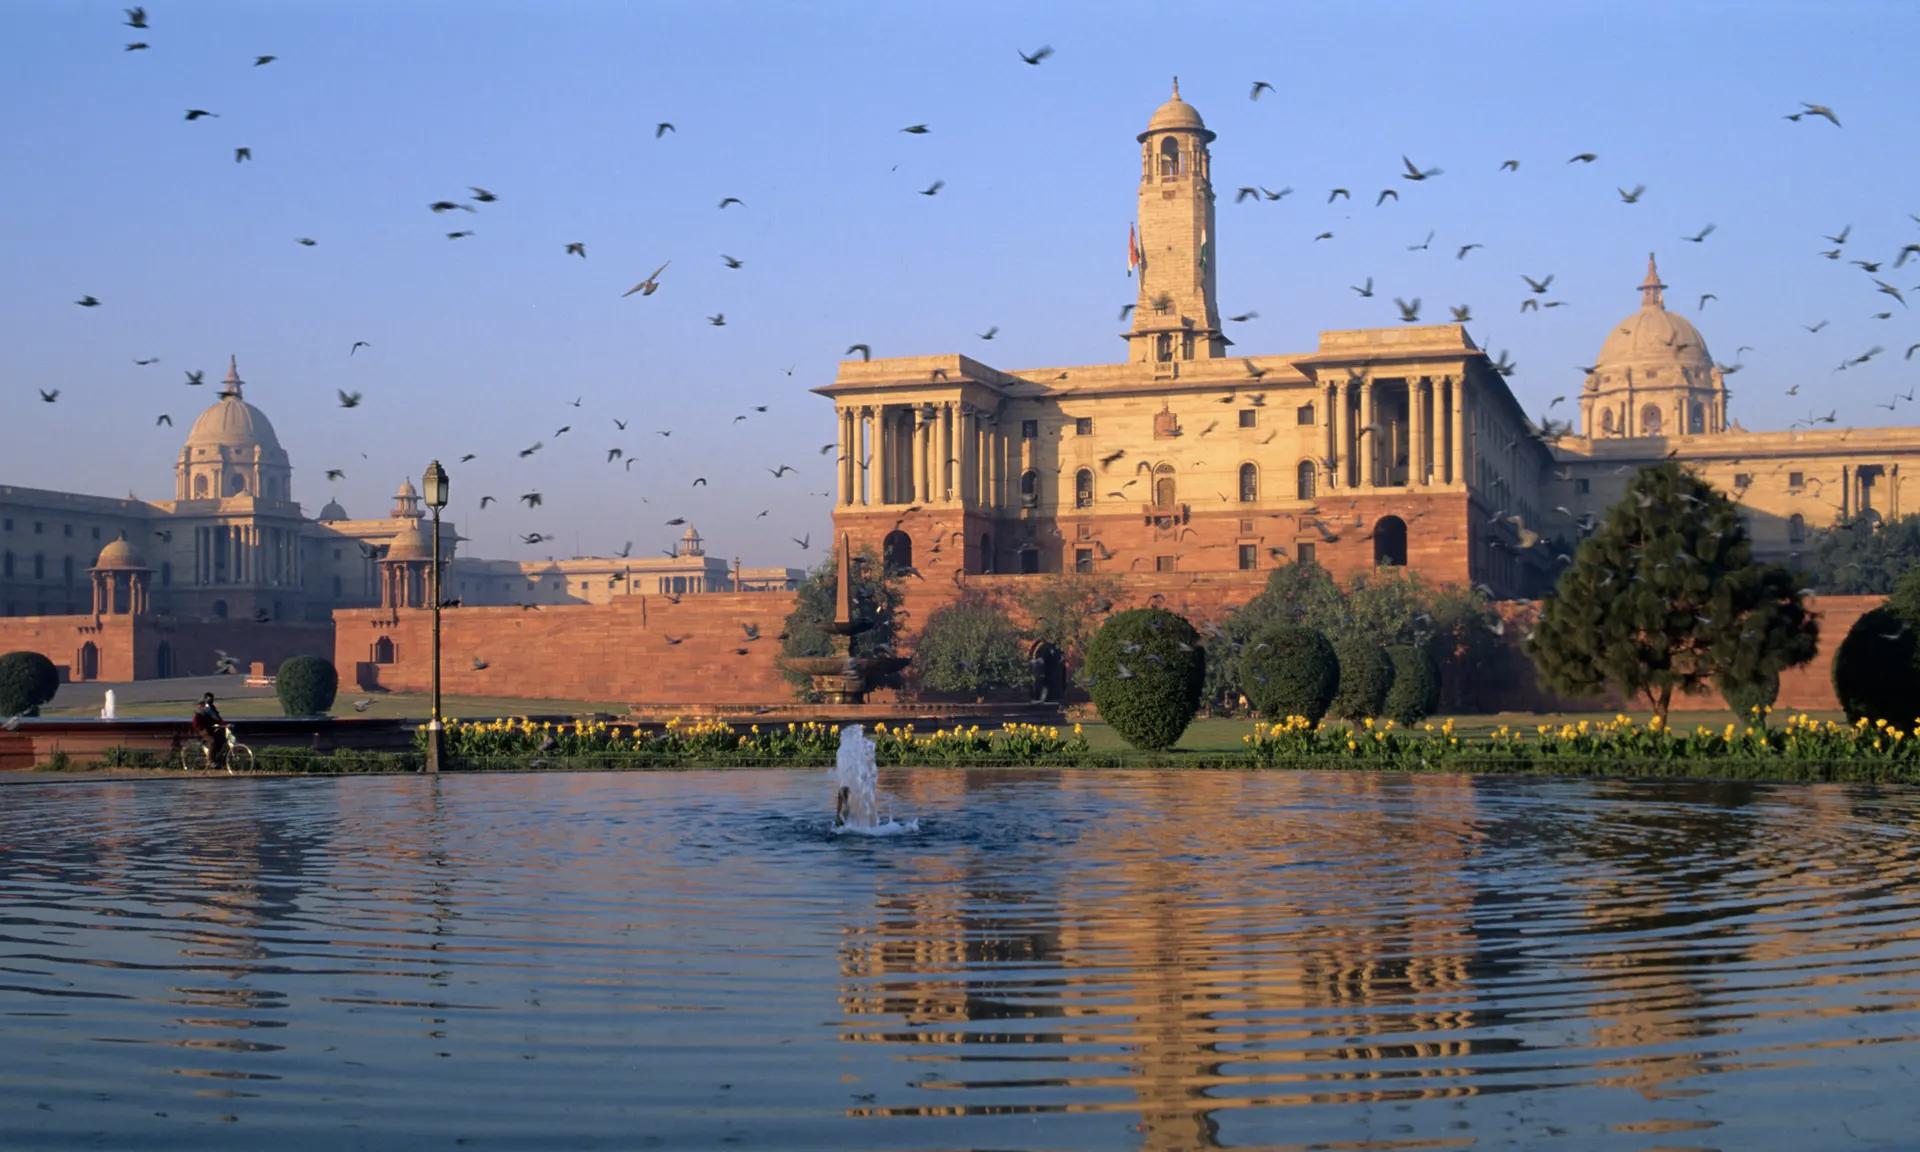 В Індії хочуть знищити оригінальну будівлю парламенту